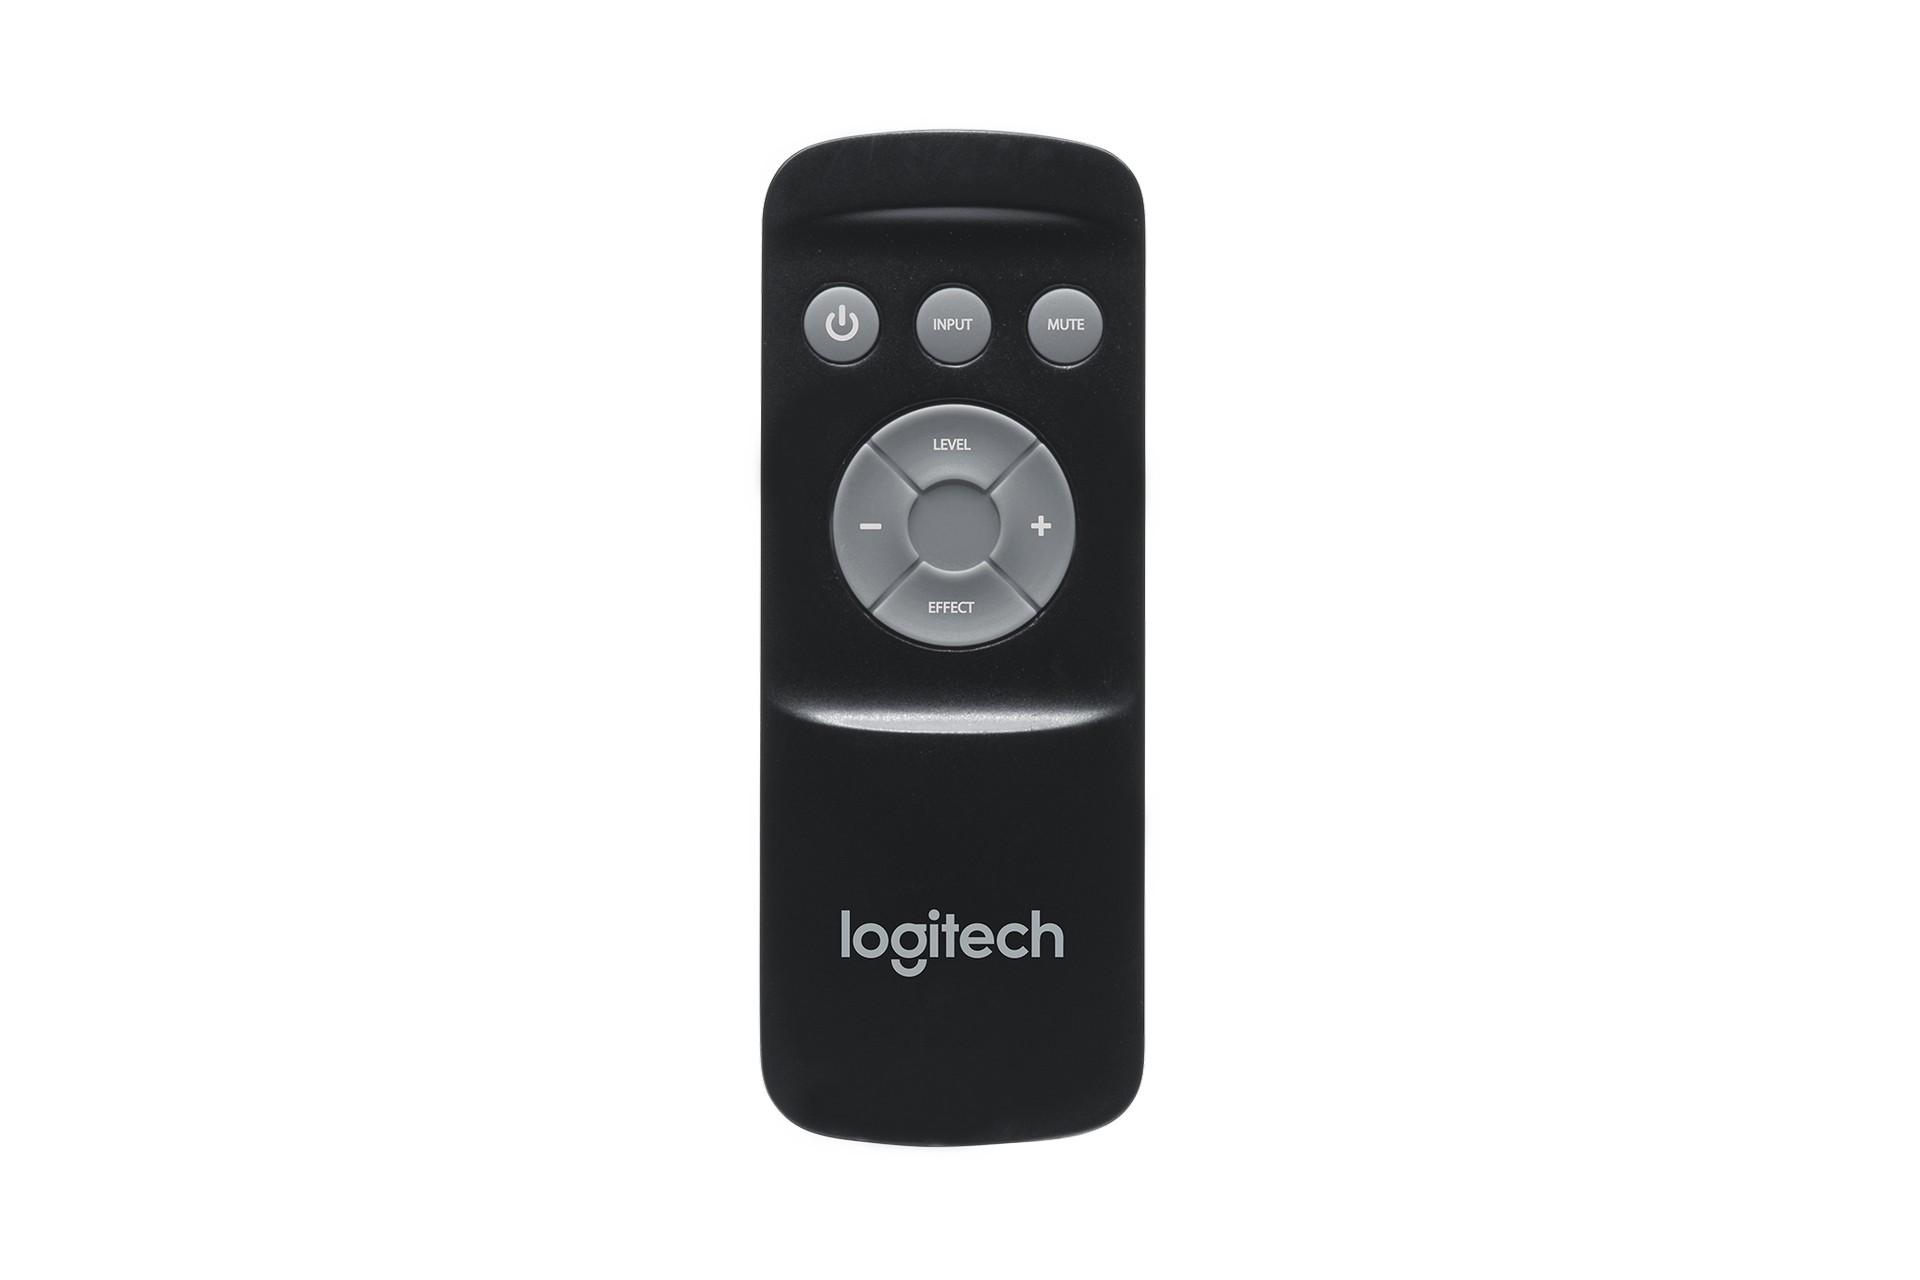 Z906 Remote